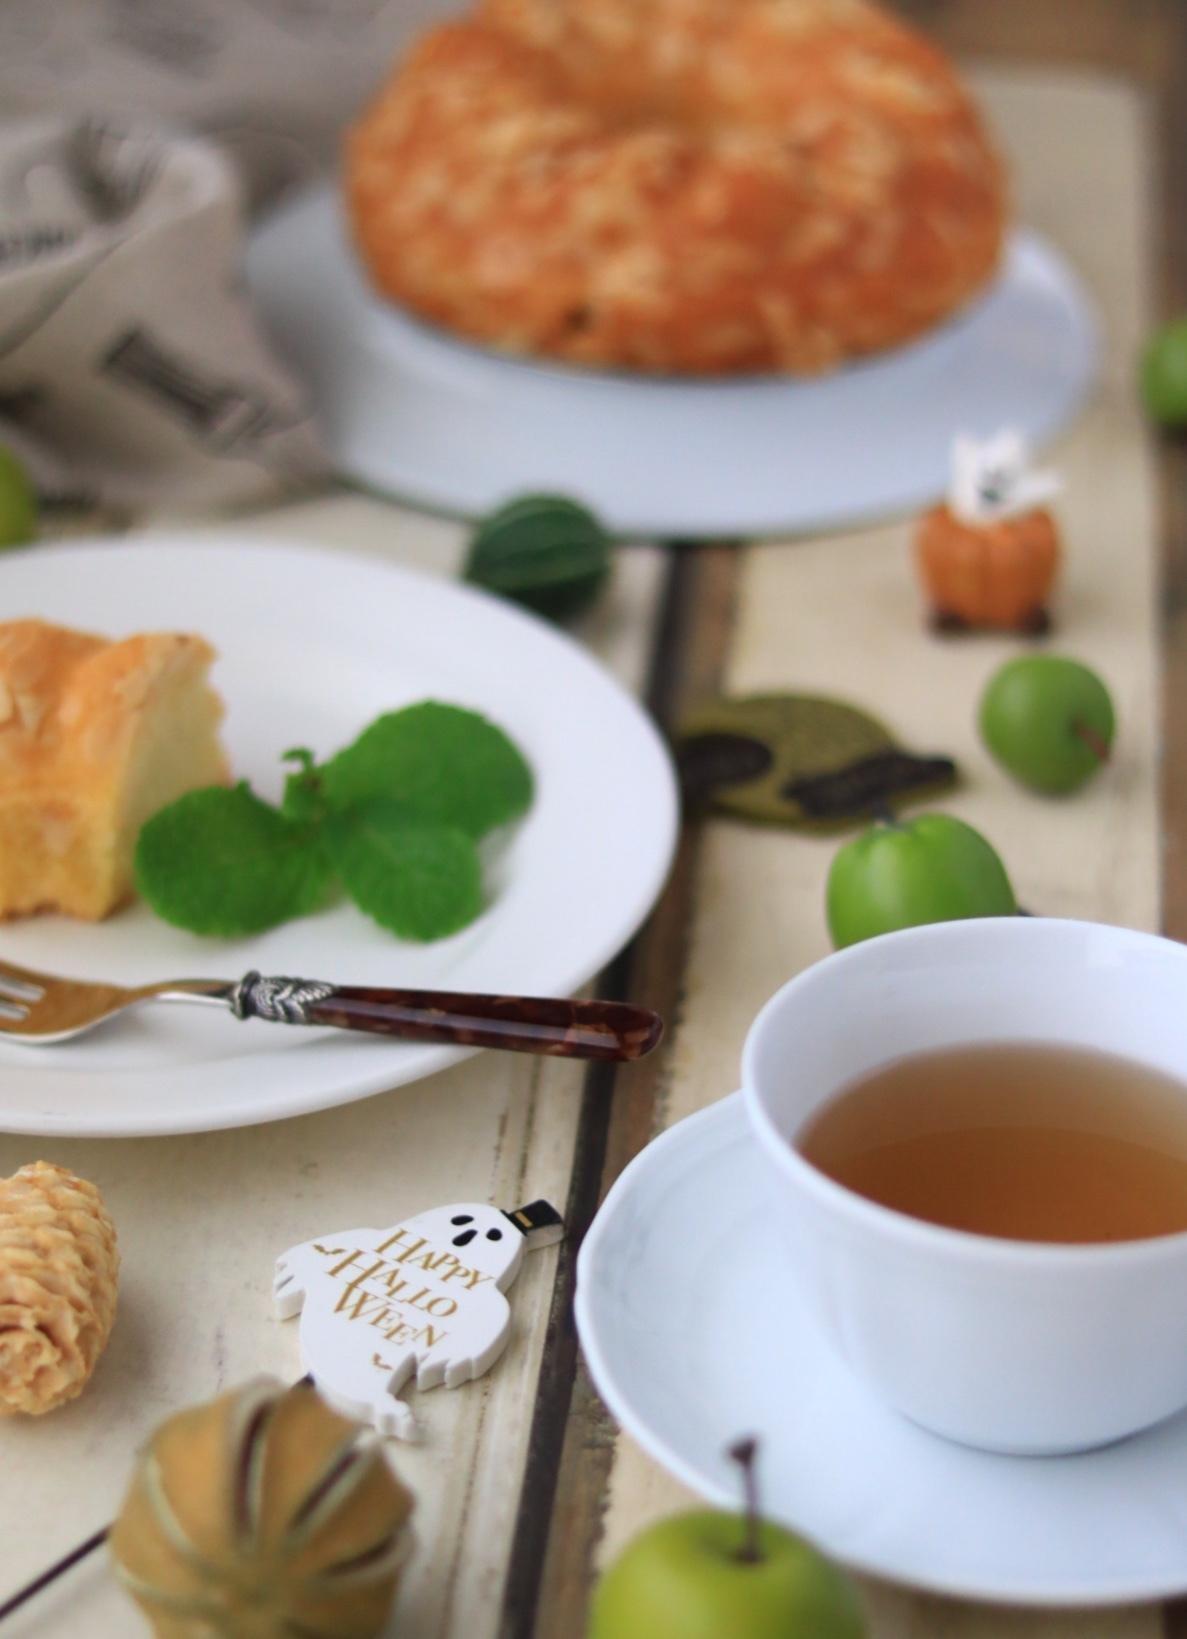 ラミのパン教室10月ケーキ編_c0366722_18294839.jpeg